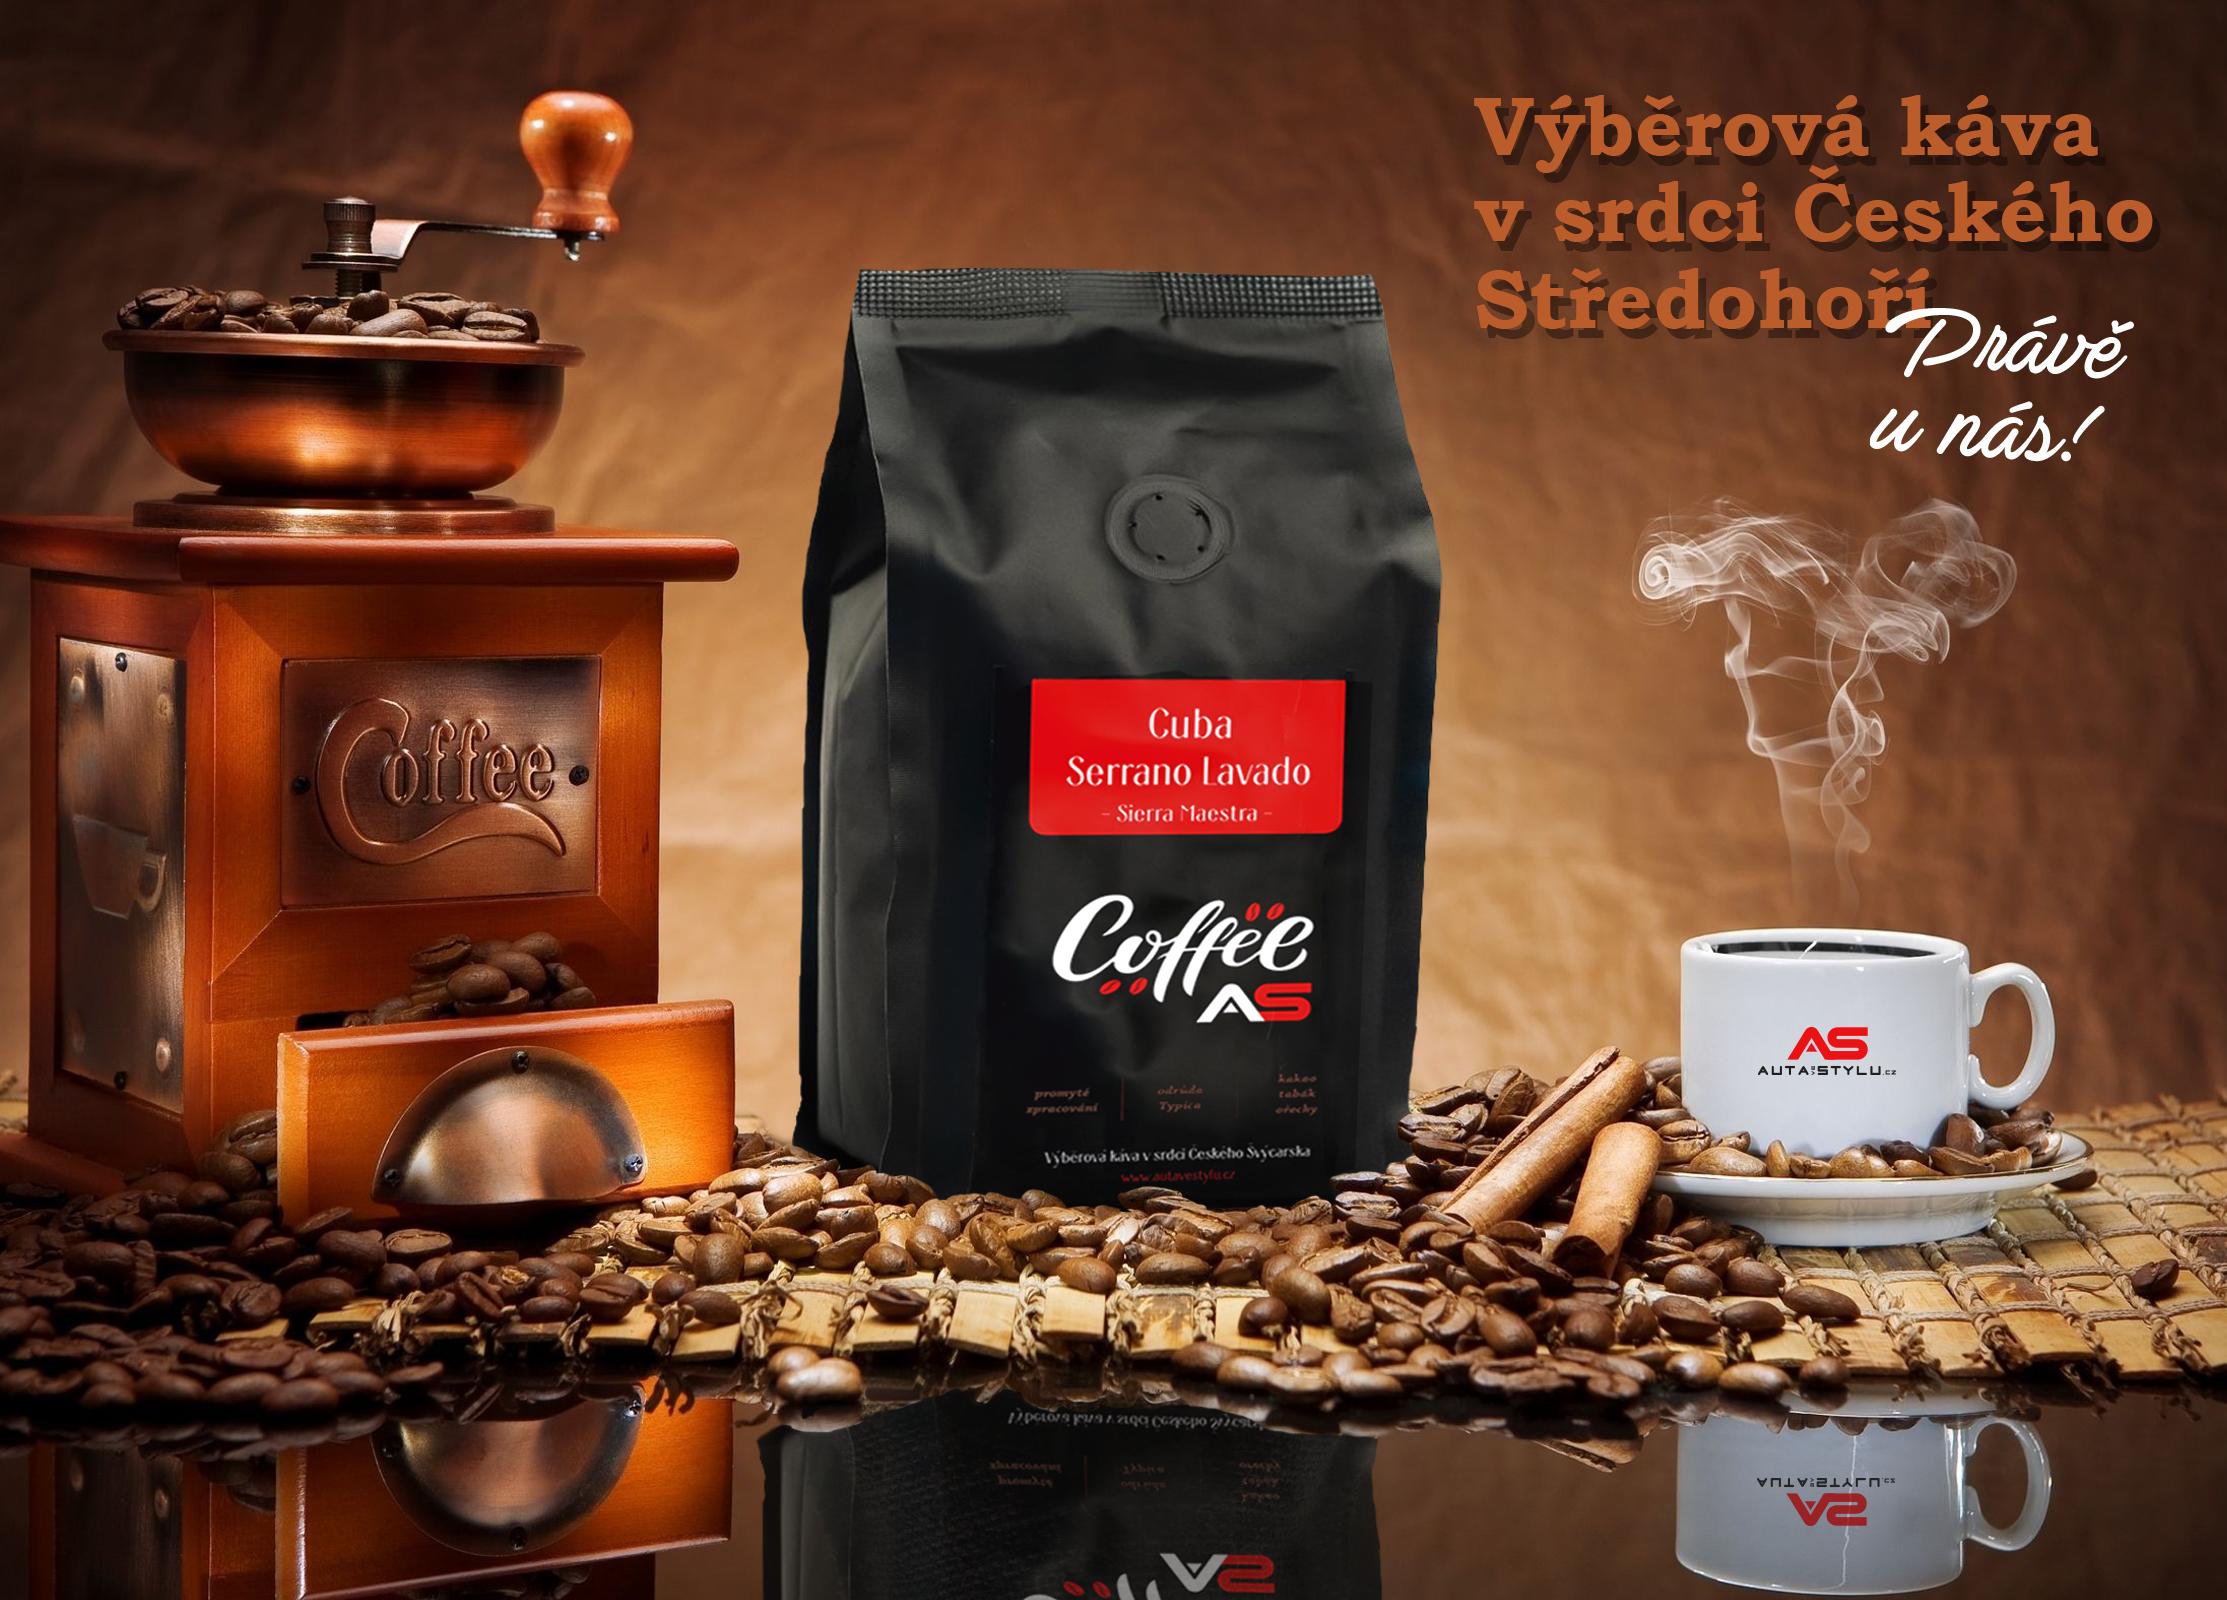 Výběrová káva v srdci Českého Středohoří právě u nás